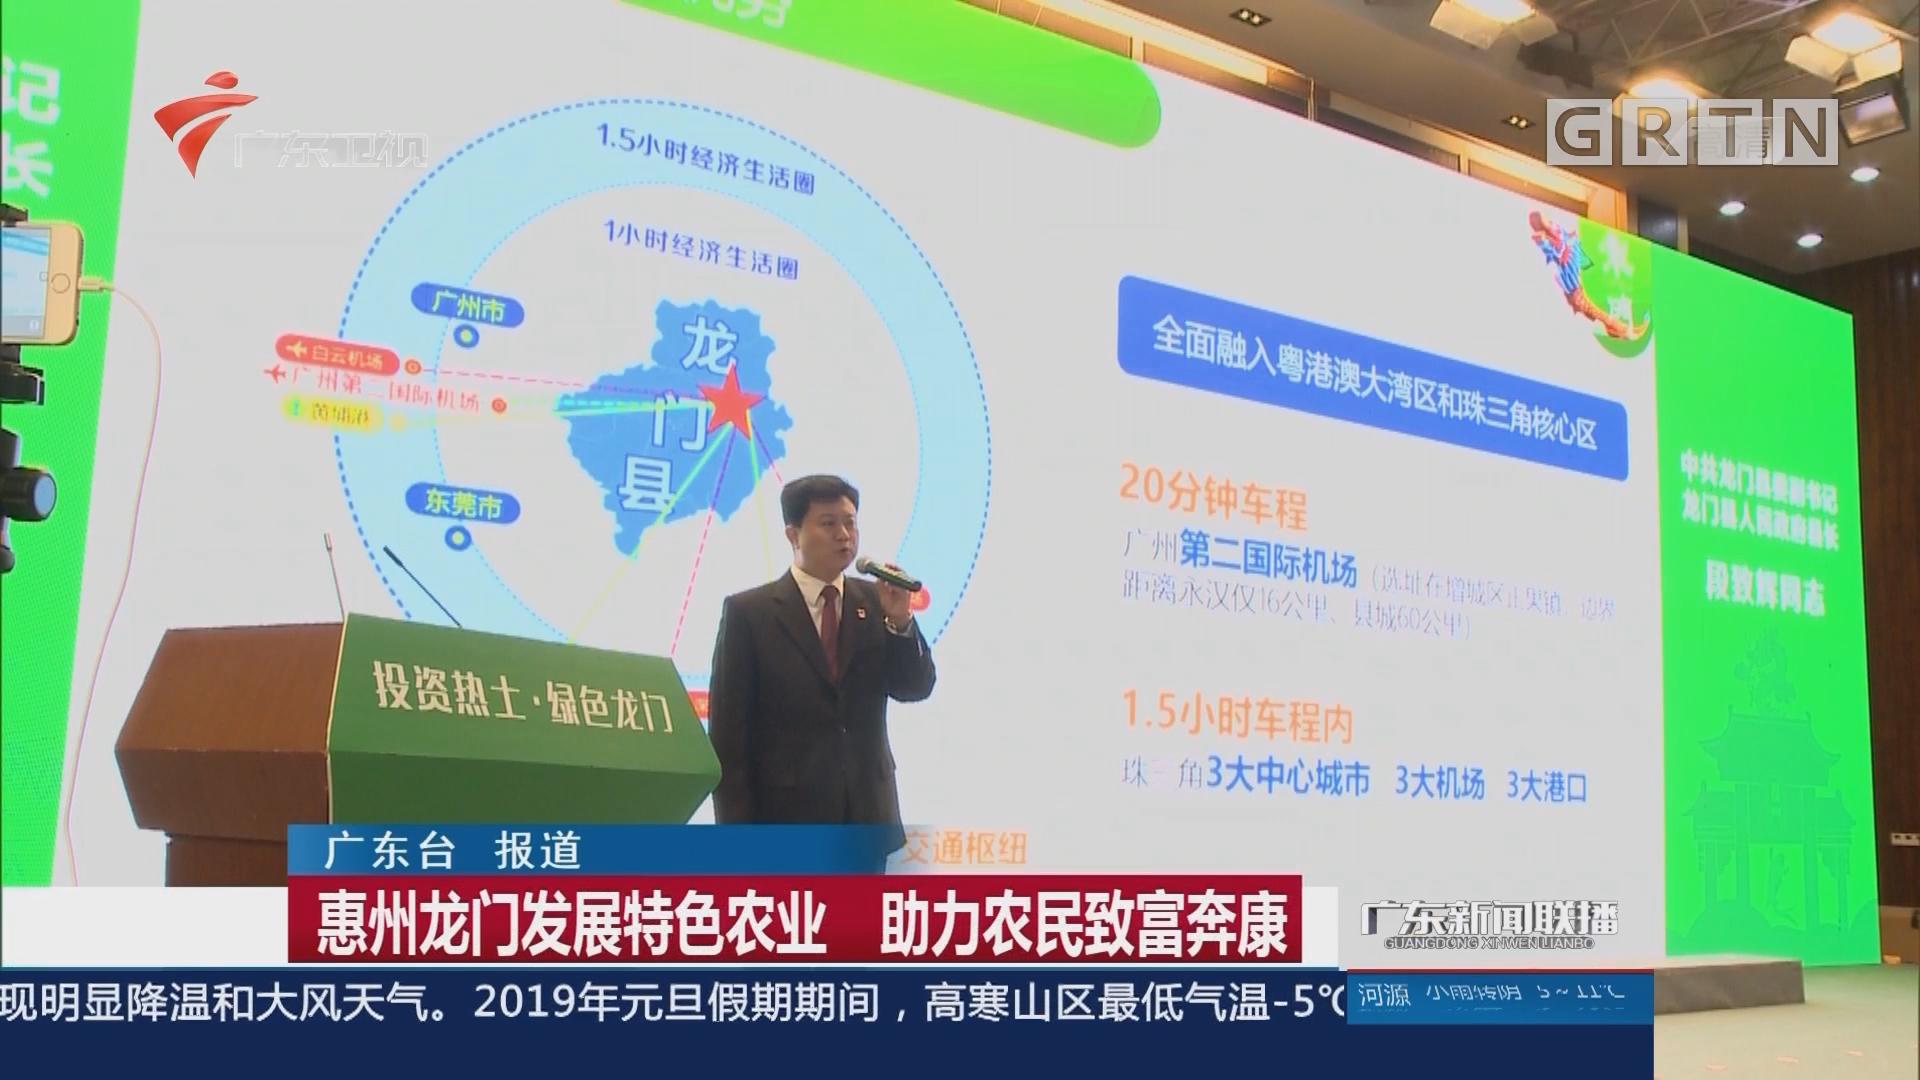 惠州龙门发展特色农业 助力农民致富奔康